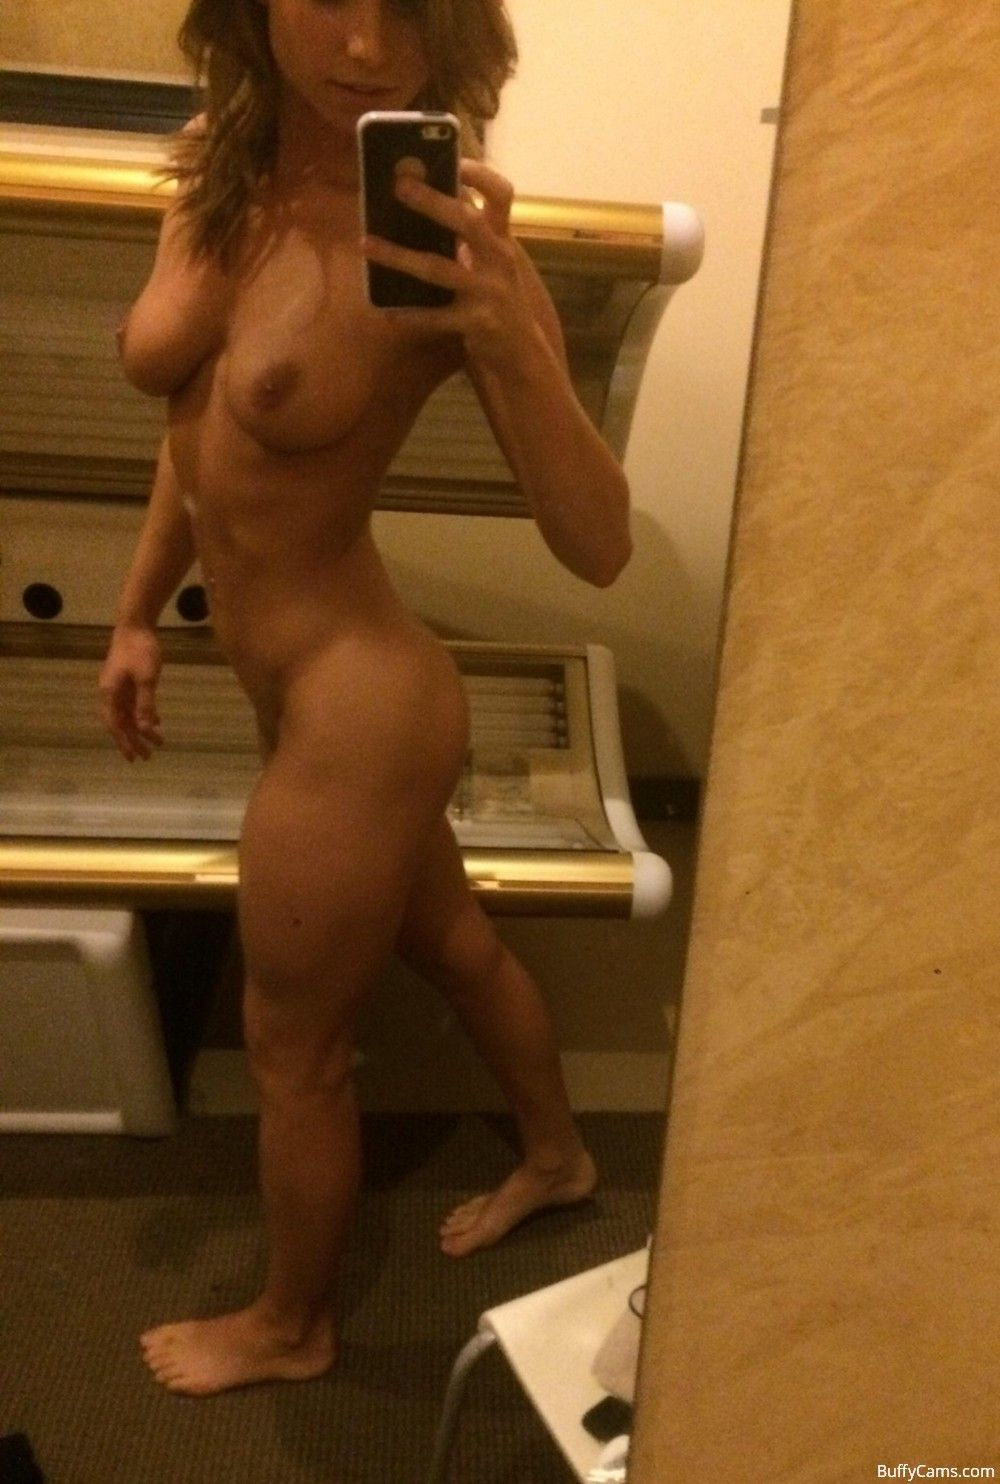 Big nipples bikini top